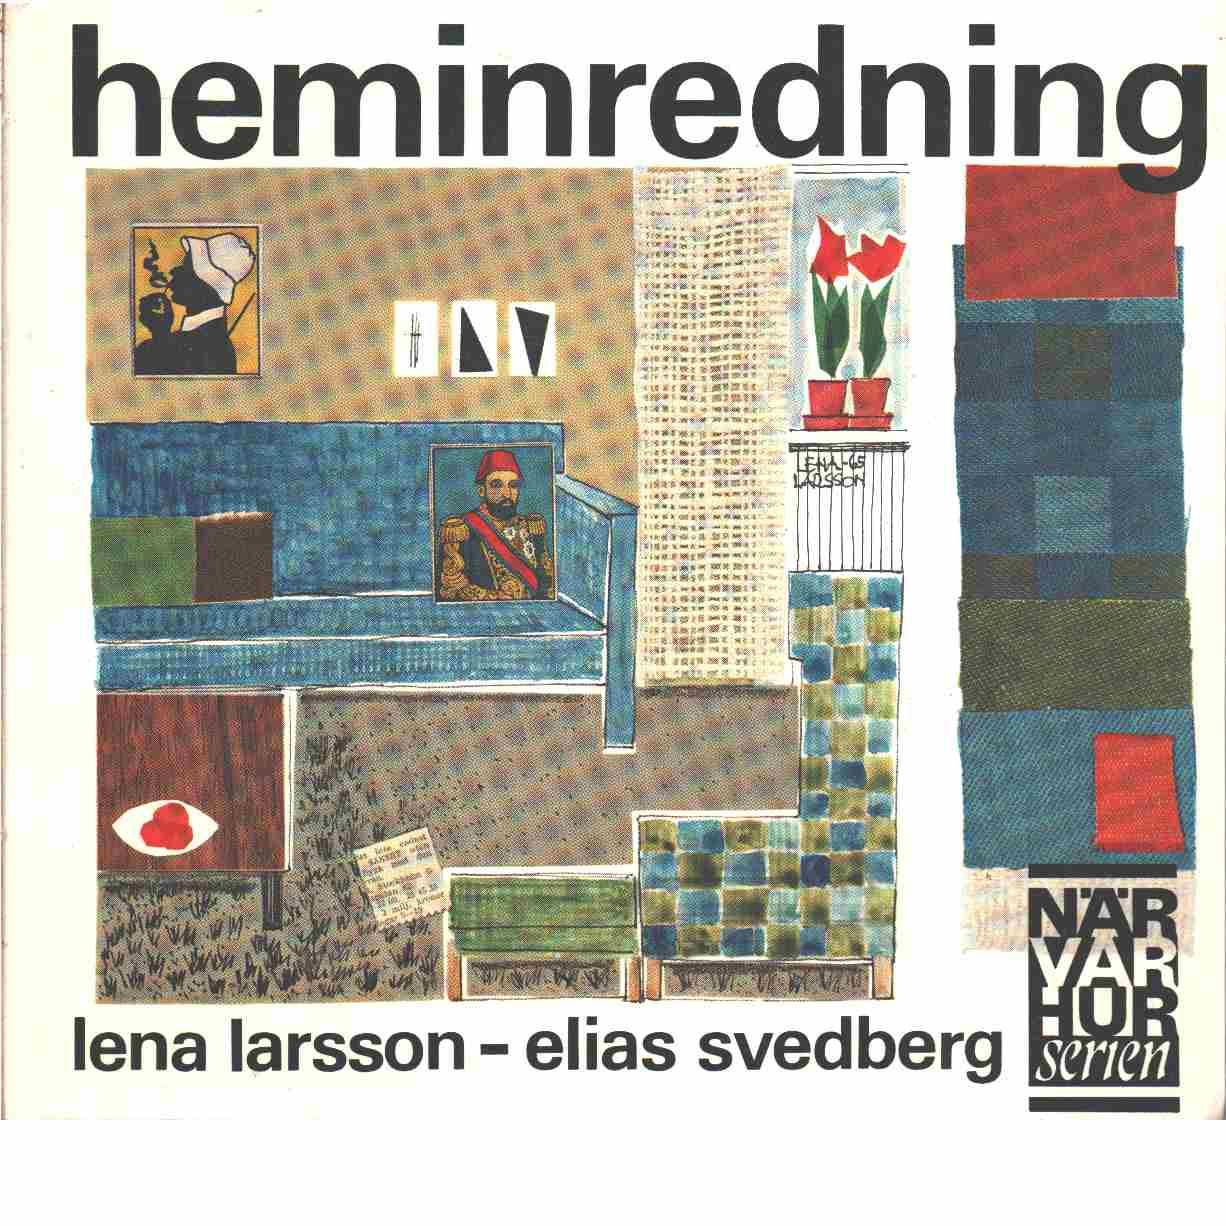 Heminredning - Svedberg, Elias  och Larsson, Lena